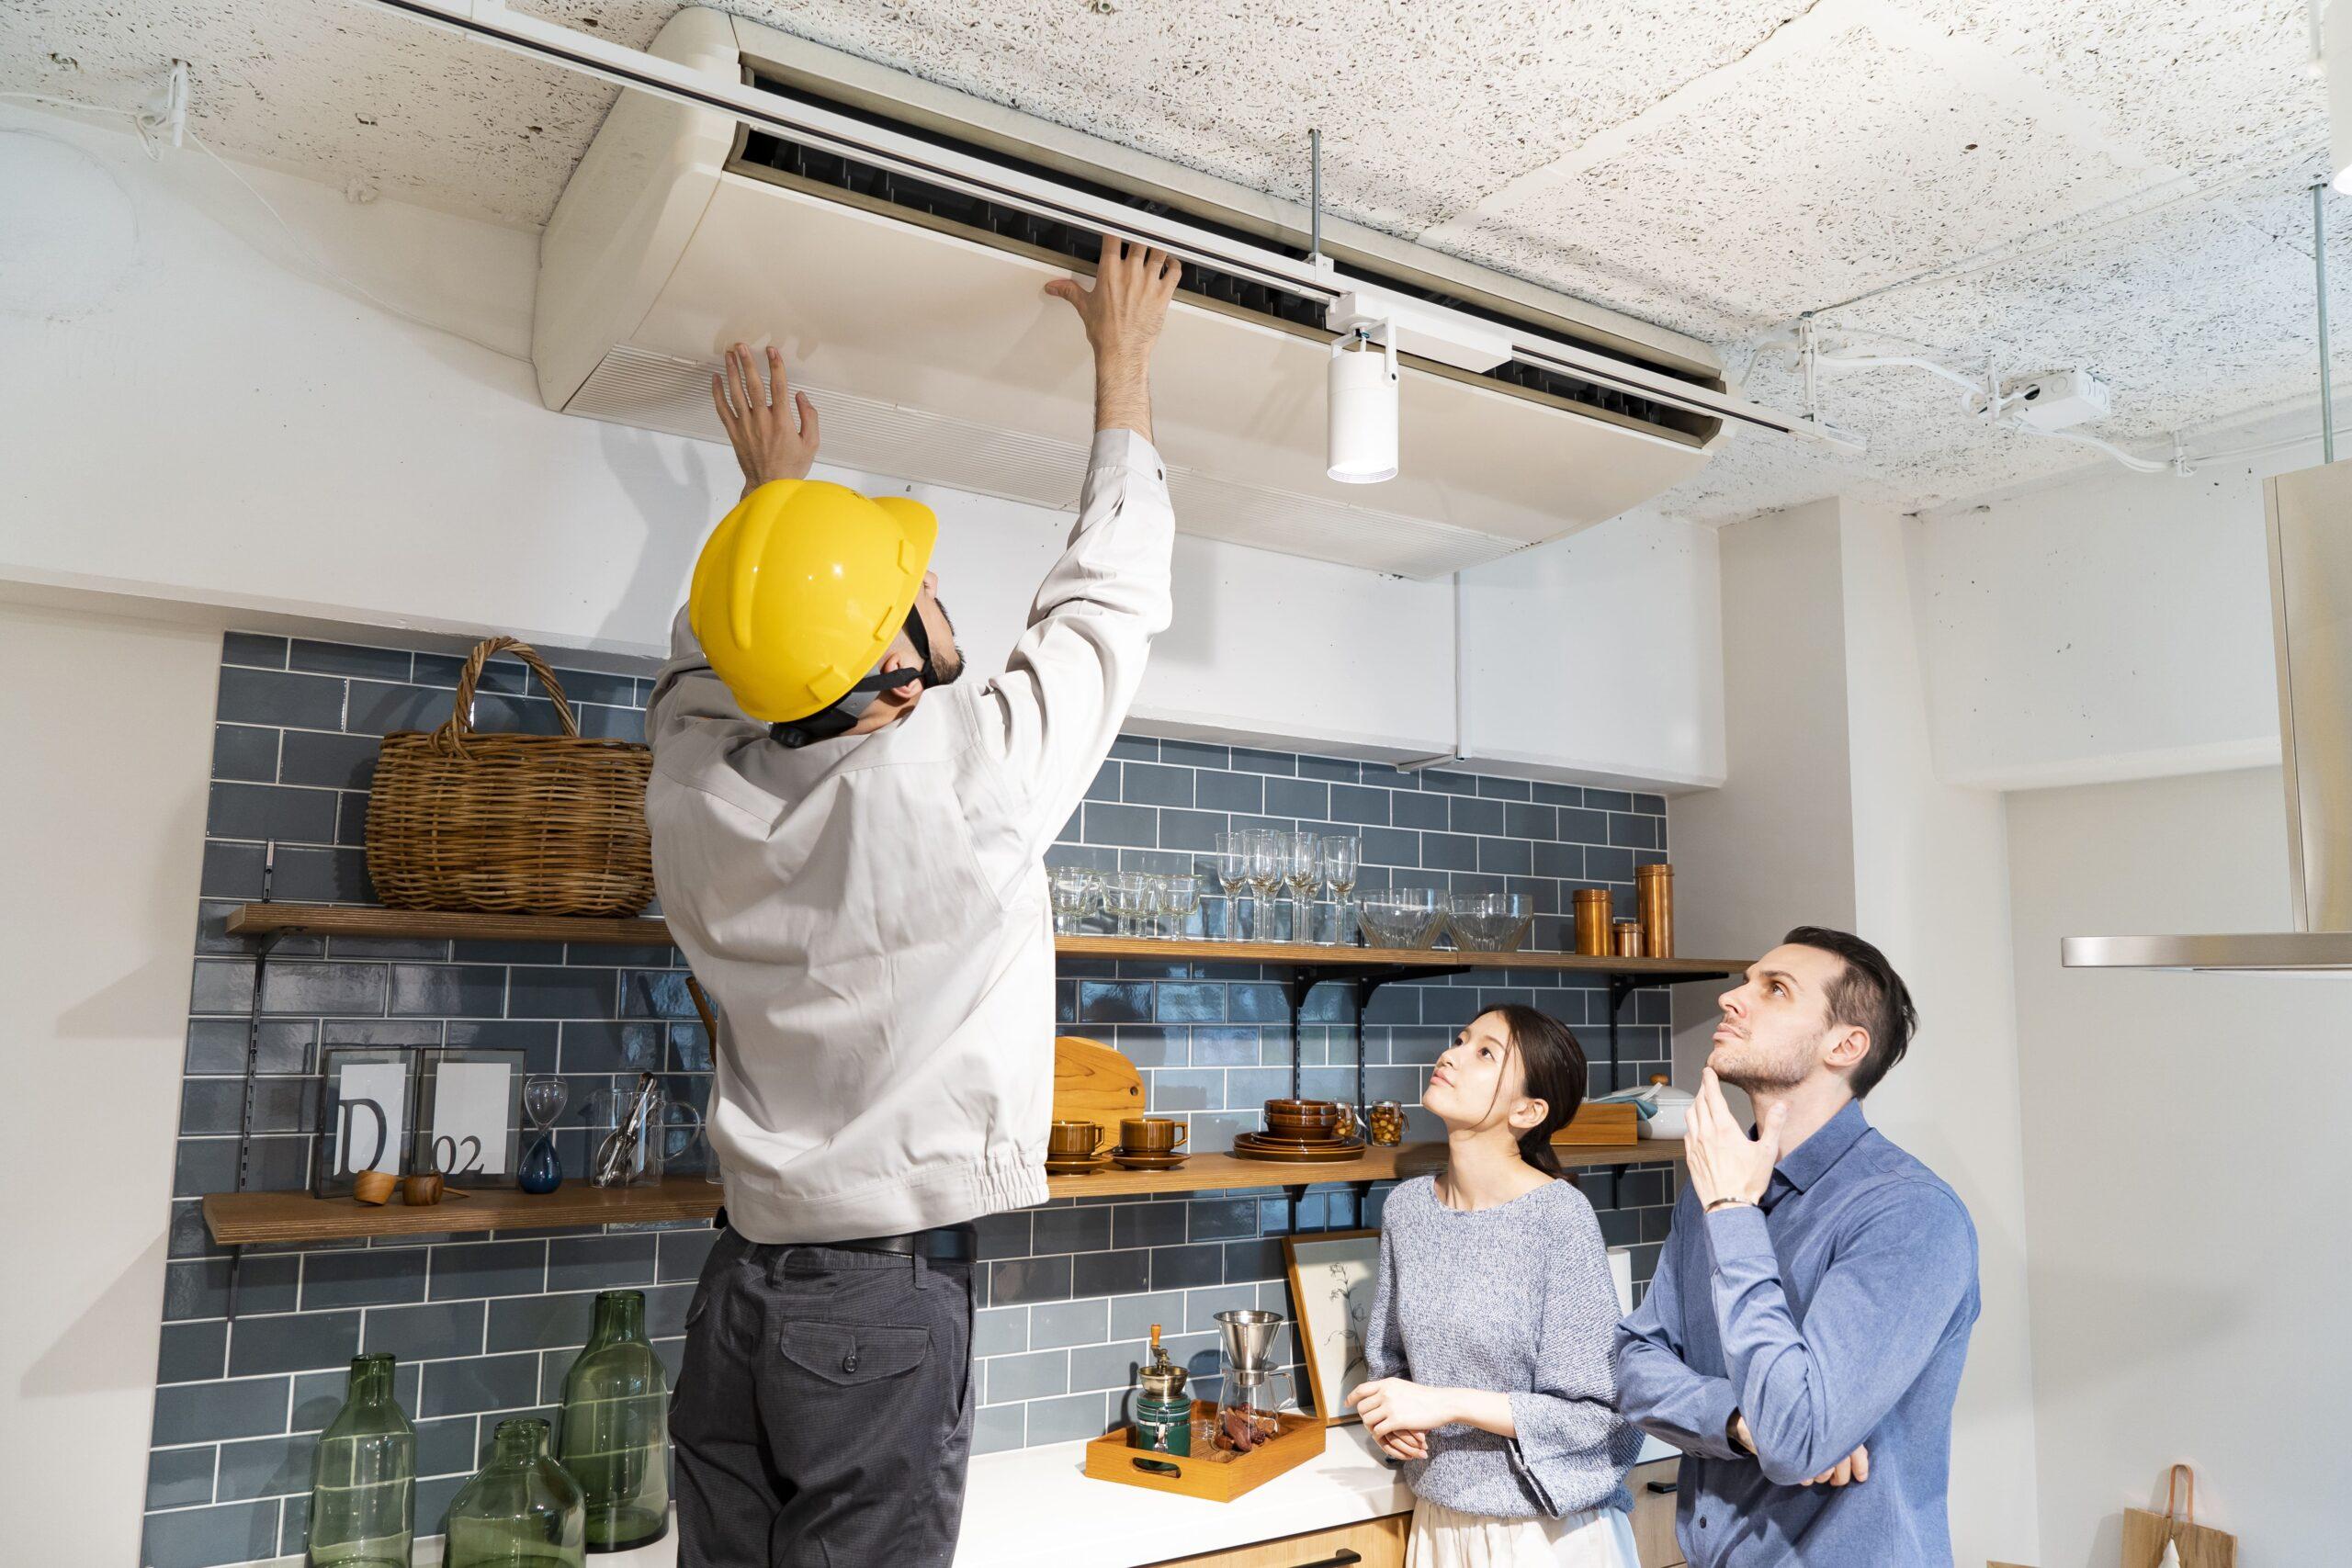 klimaanlage einbauen